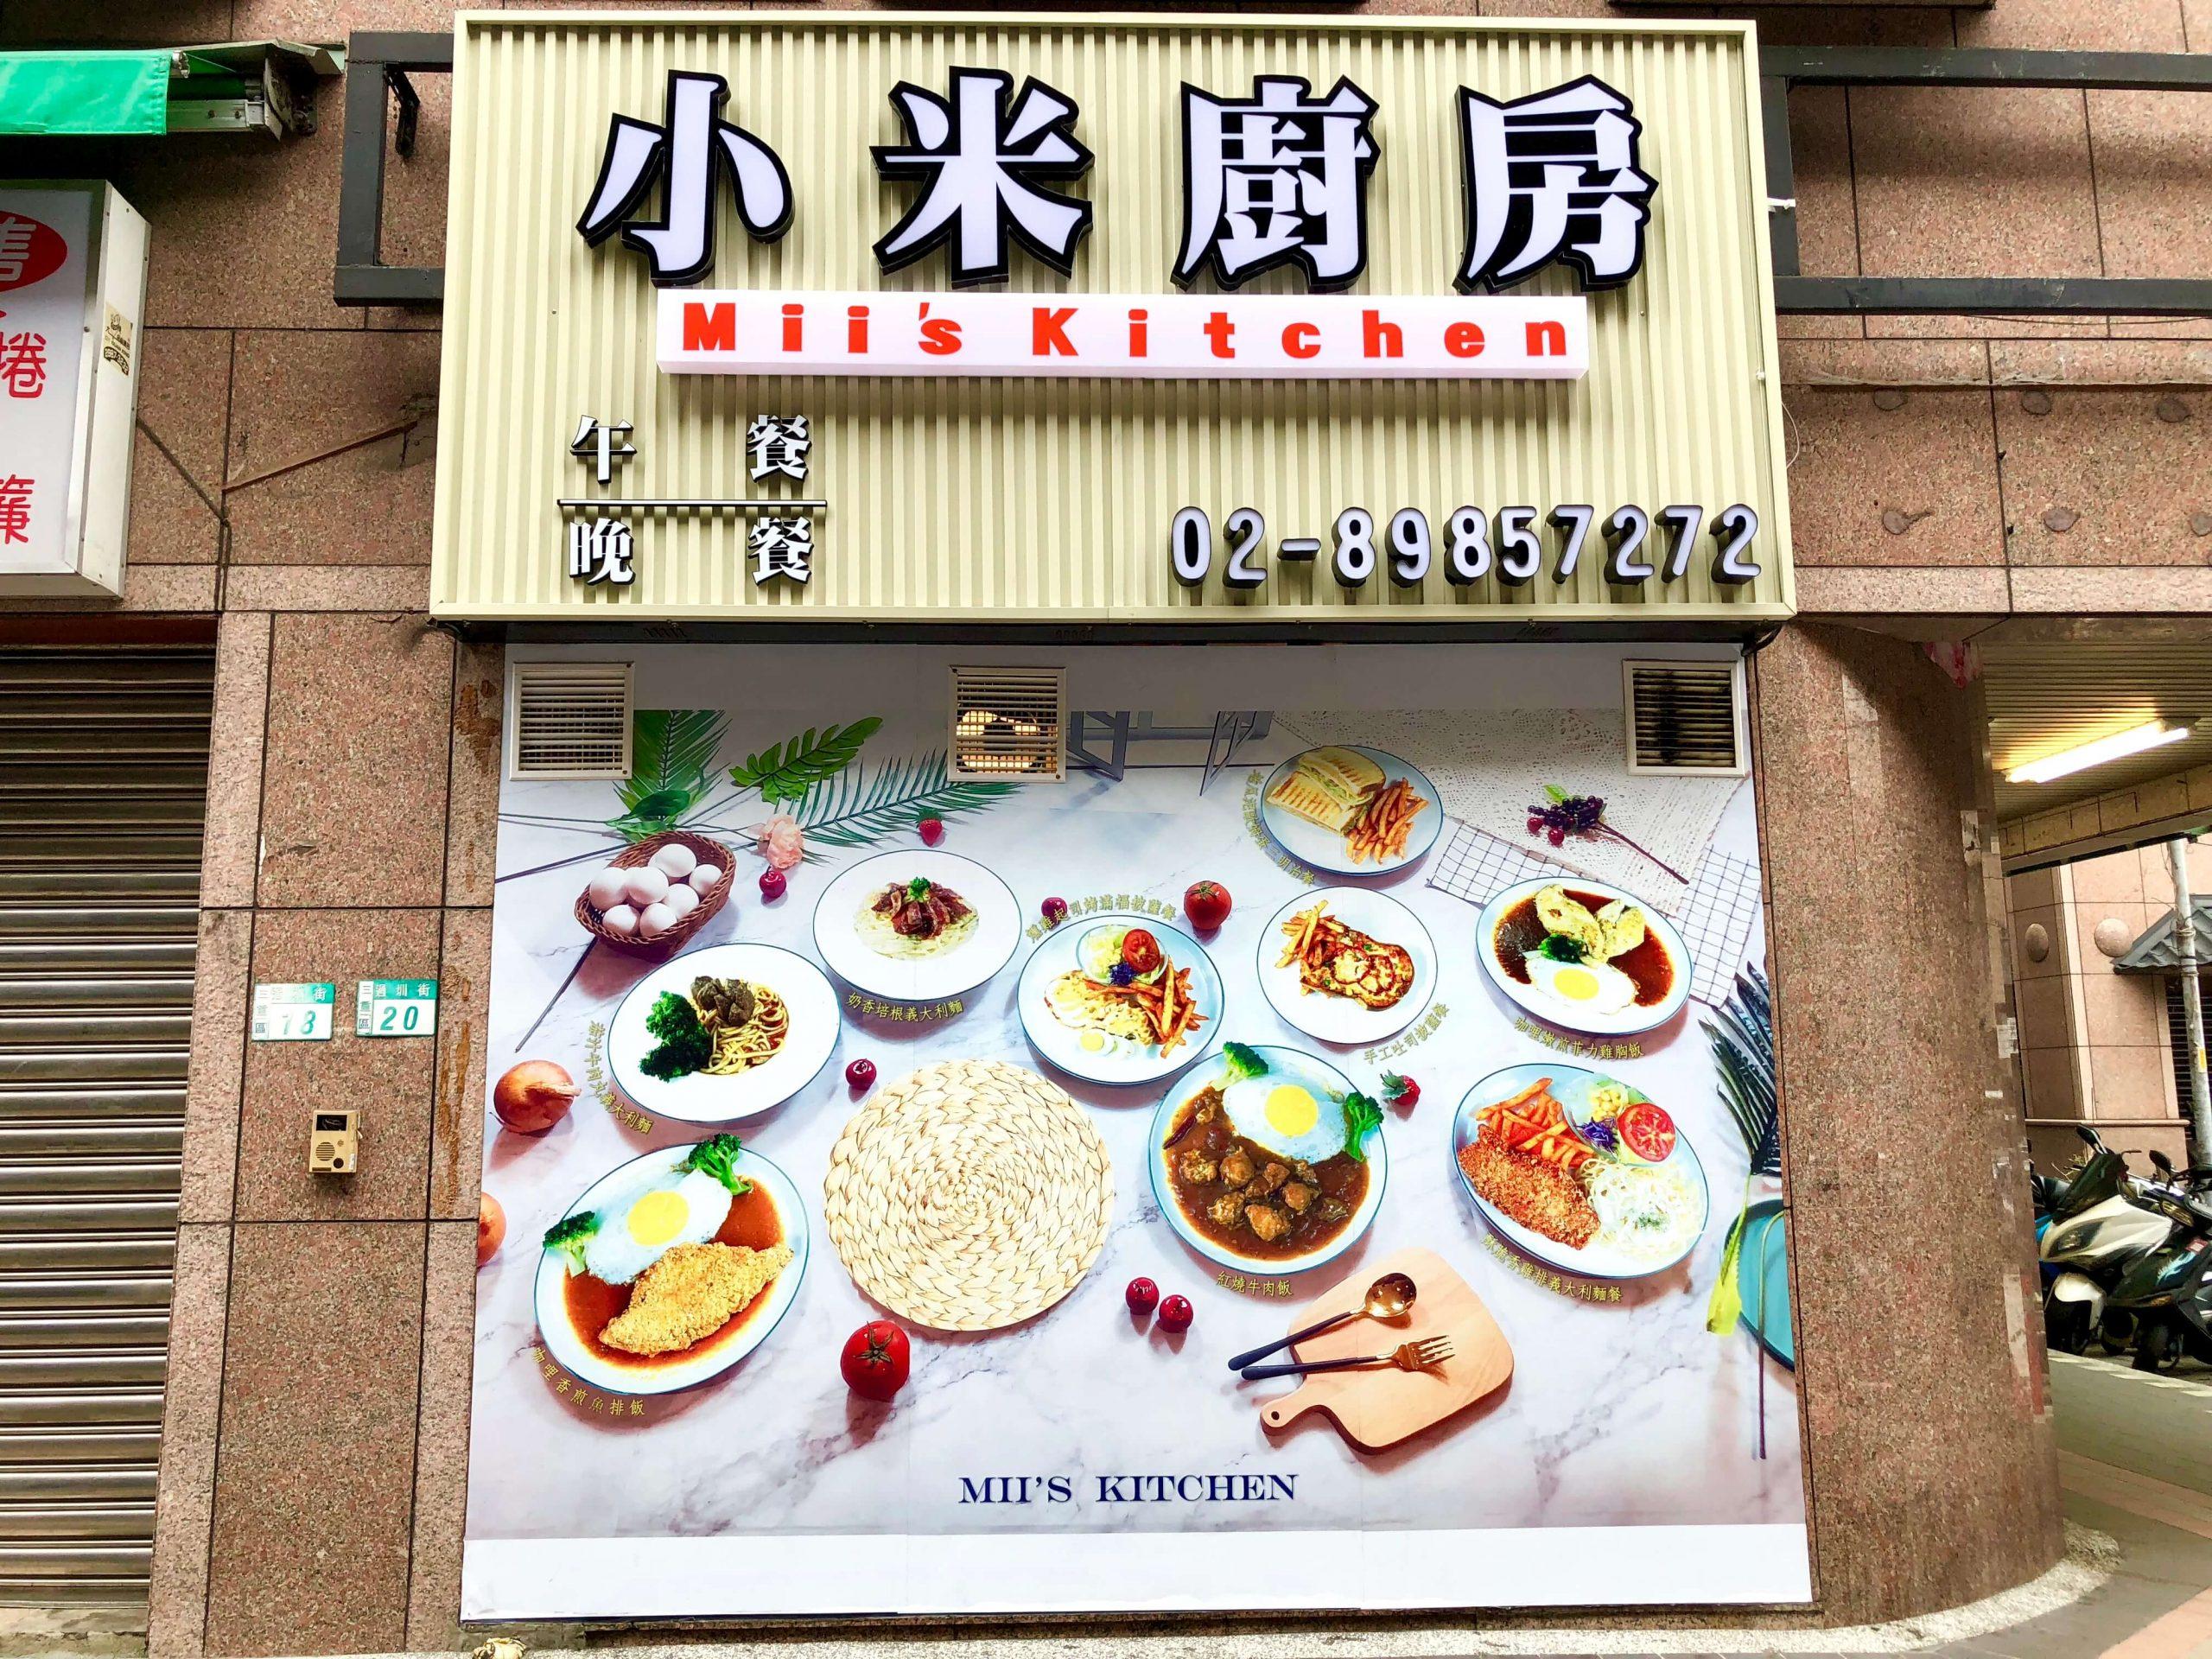 【三重美食】小米廚房|新開幕!主打中式簡餐的平價料理。只要點選一份餐點即送一杯紅茶! - 跟著Donna一起 ...